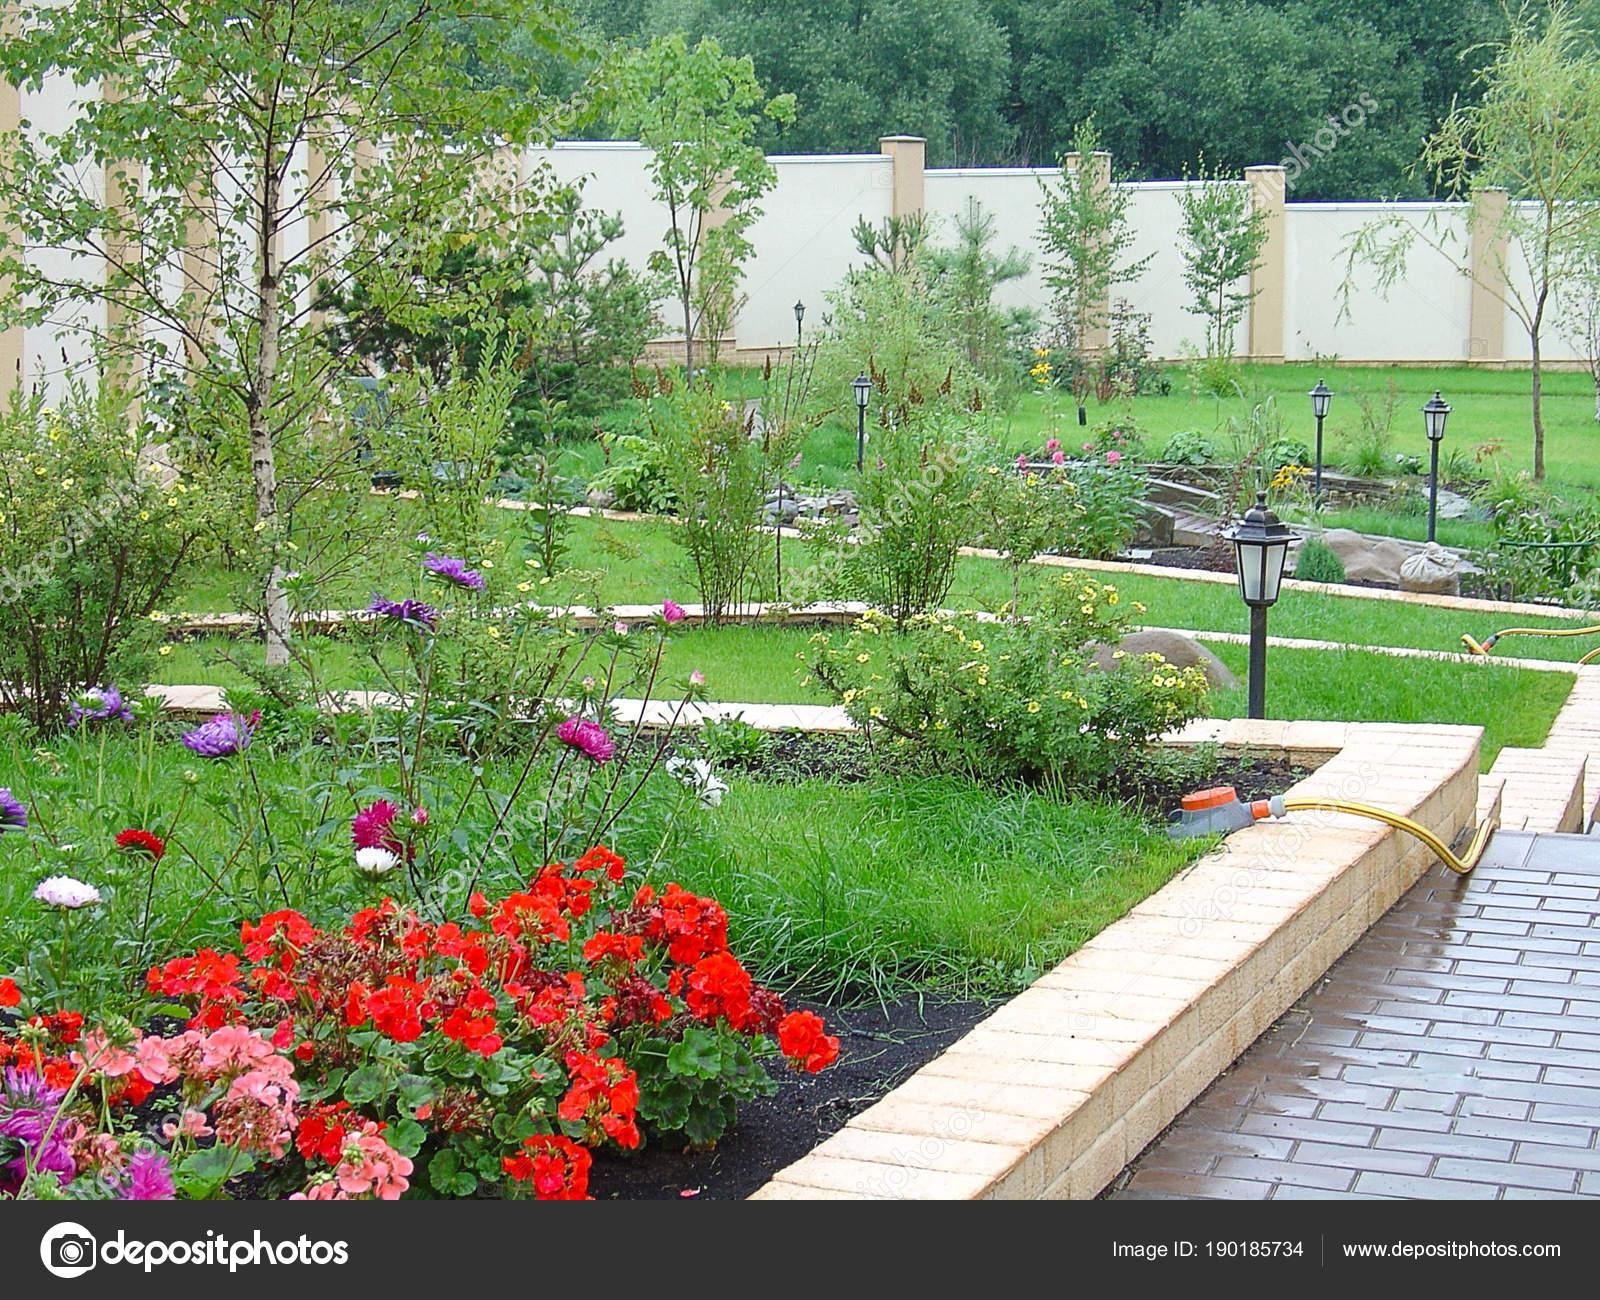 Ontwerp van het prachtige landschap van een privé tuin kleurrijke